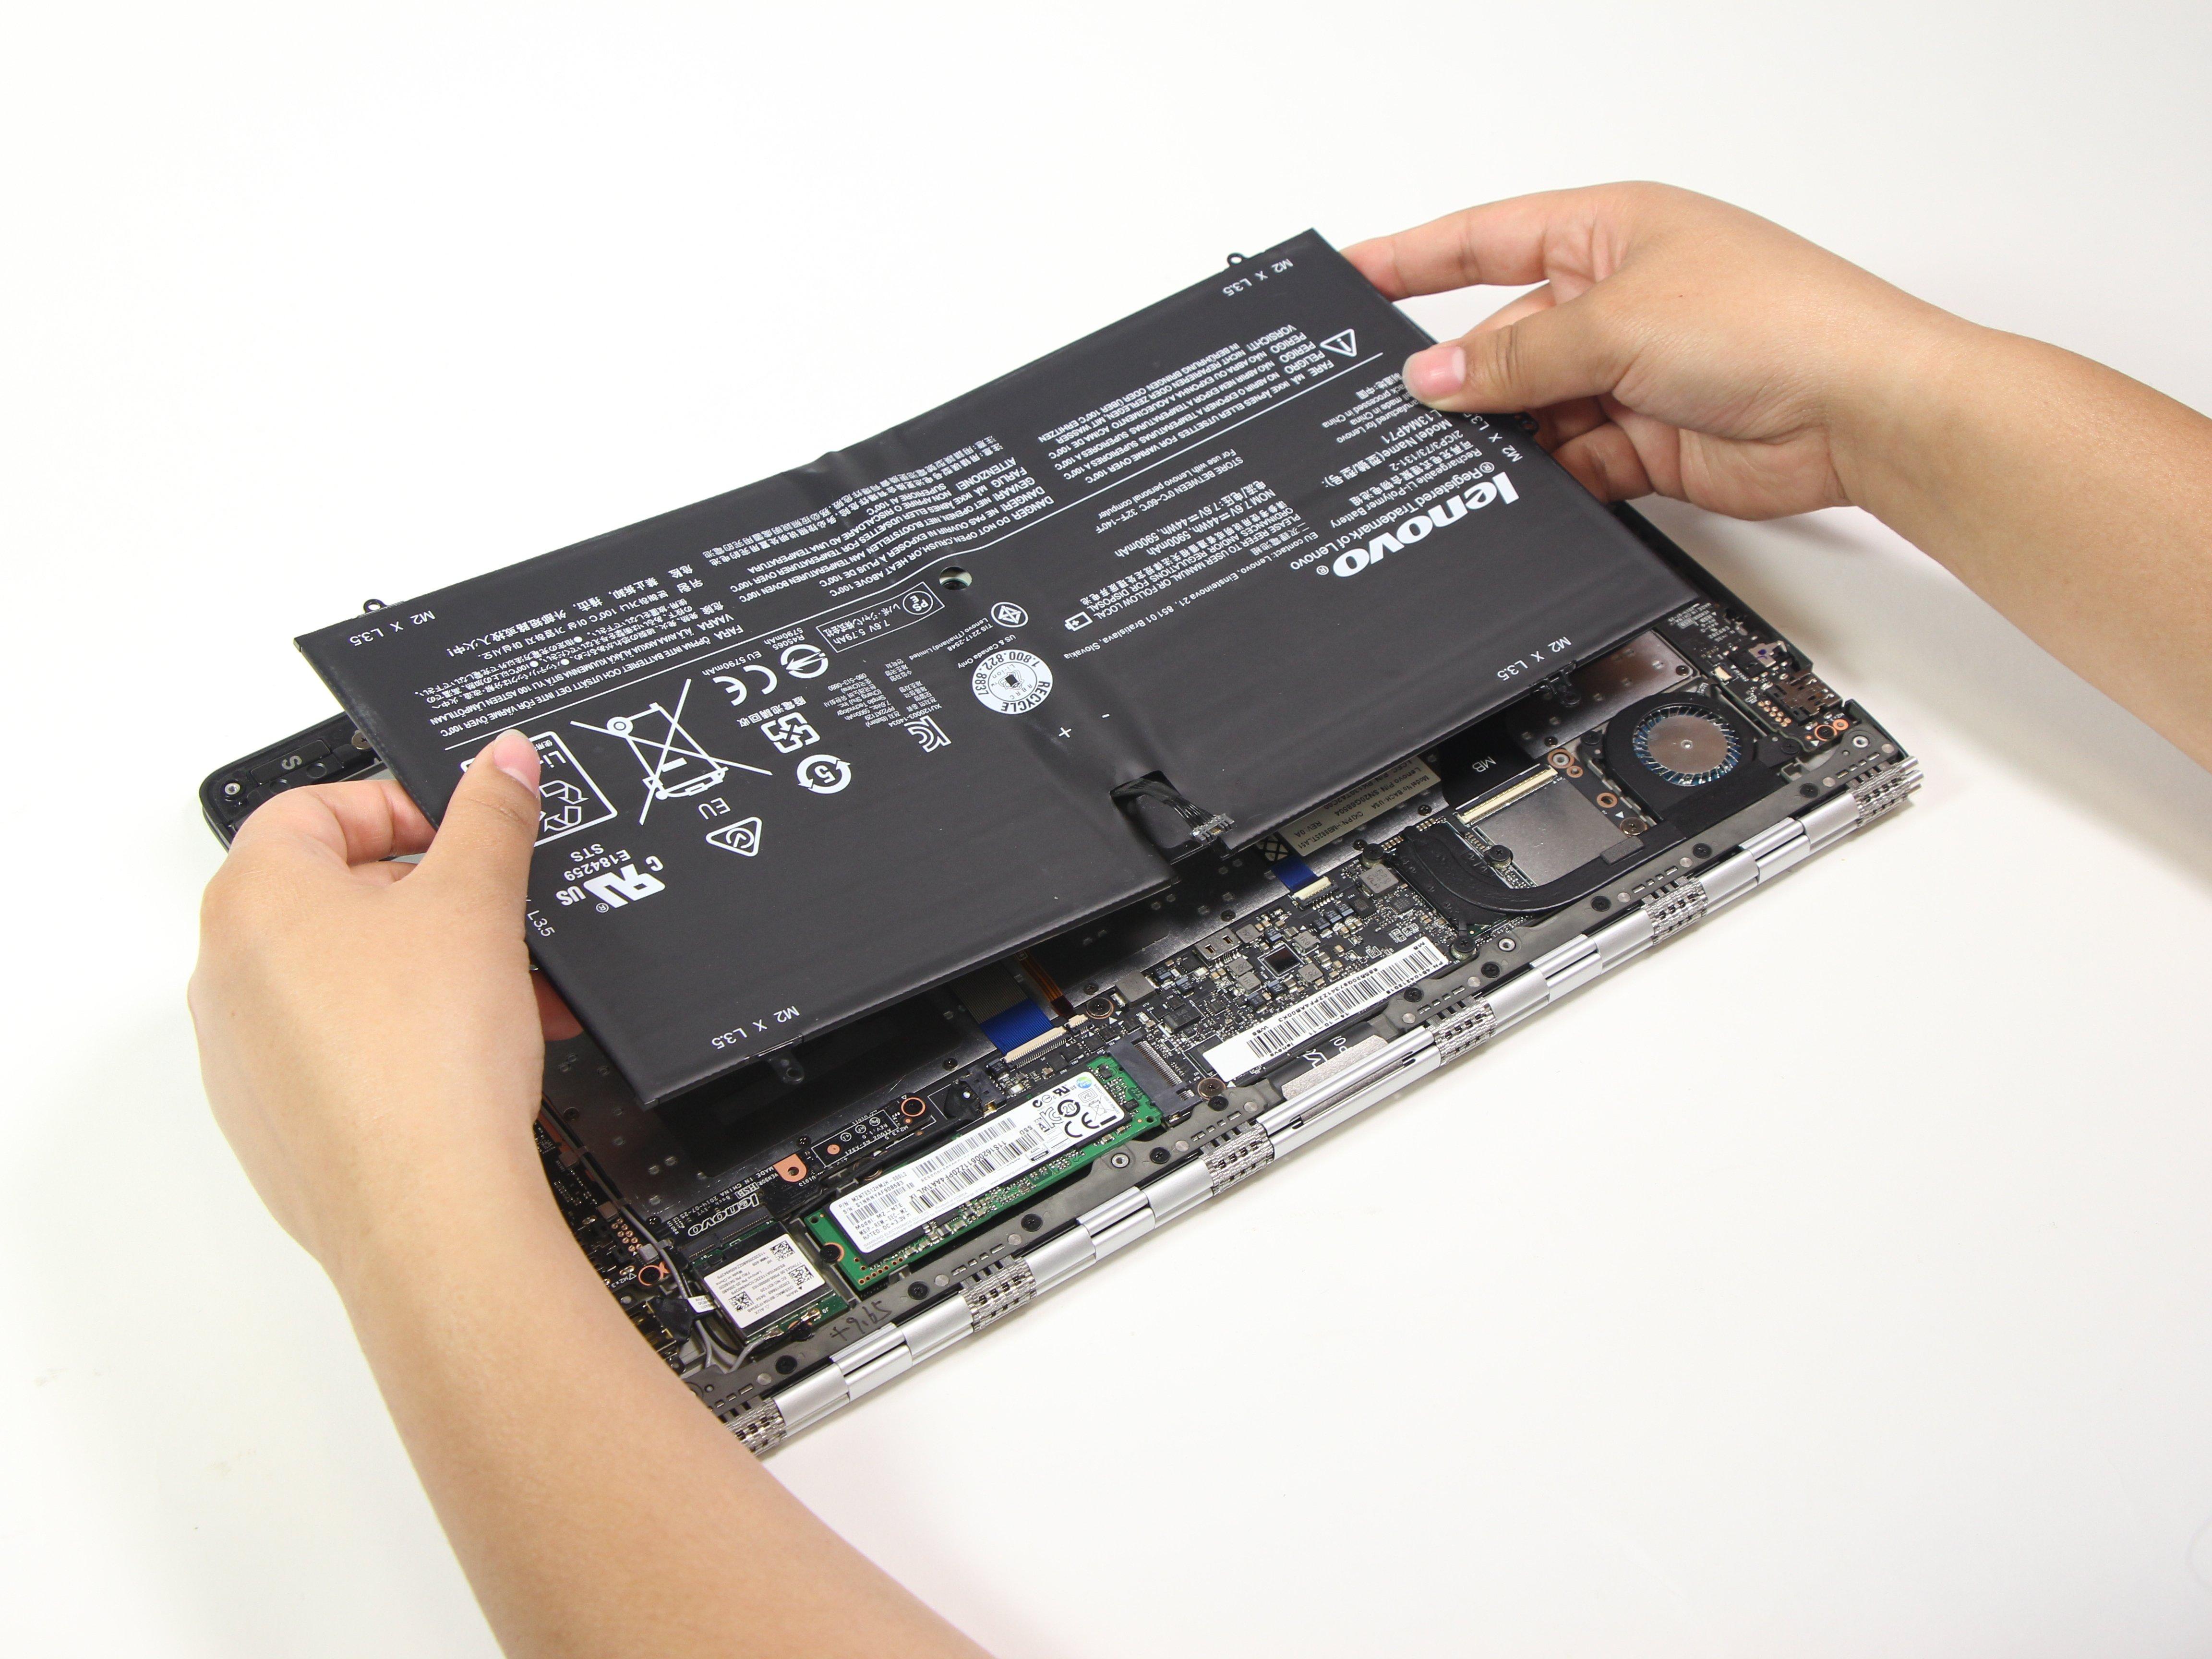 מסודר Lenovo Yoga-900-13ISK2 Battery Replacement - iFixit Repair Guide GK-36